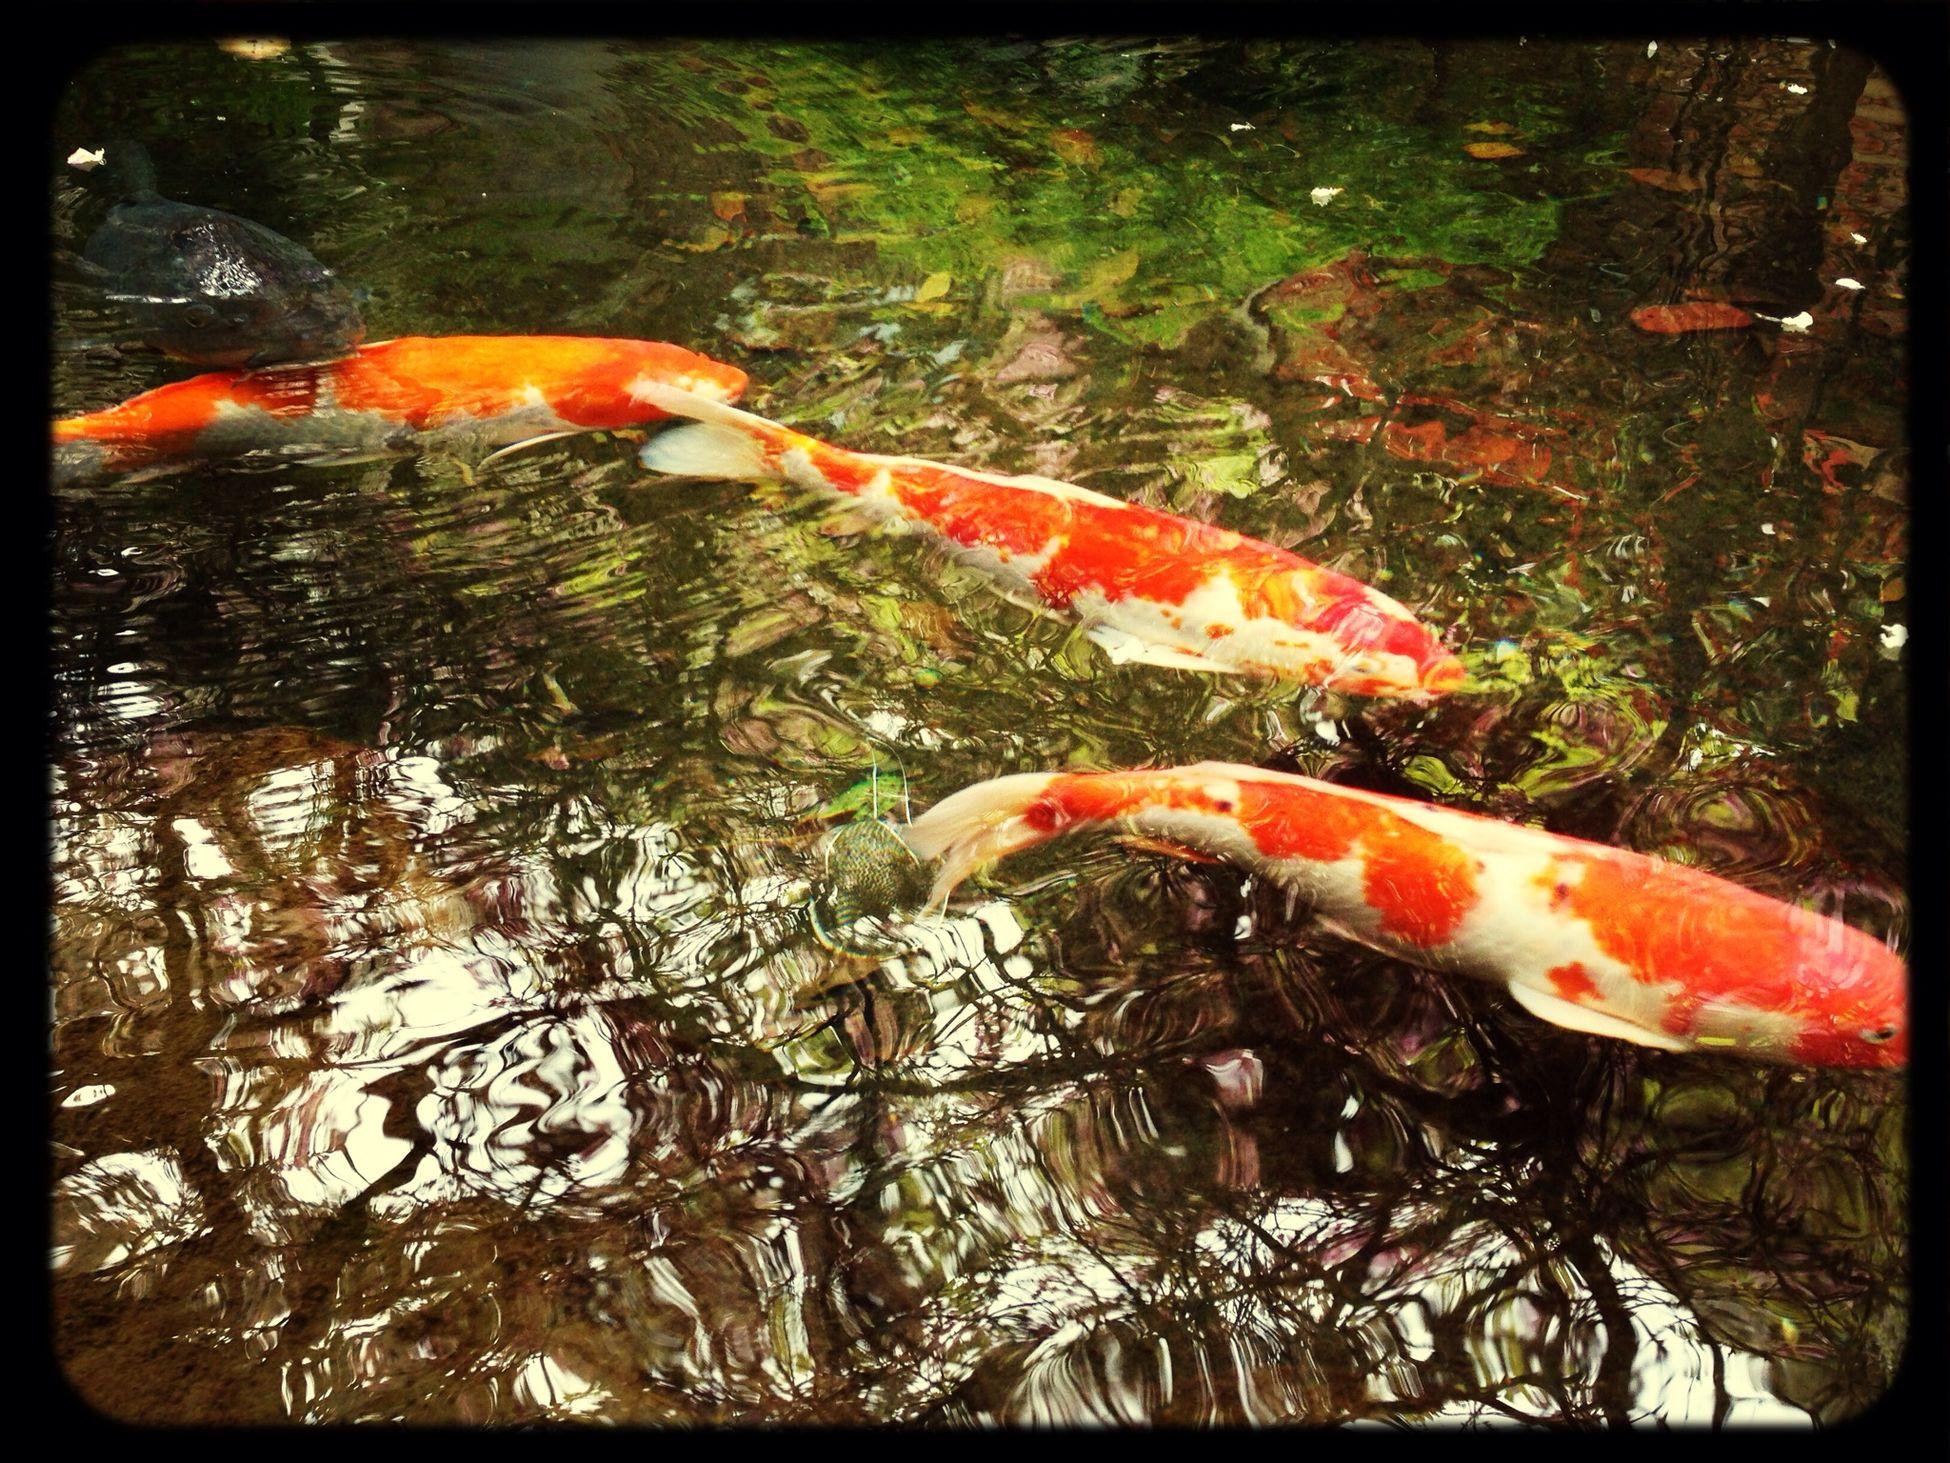 Carp 鯉-carp-